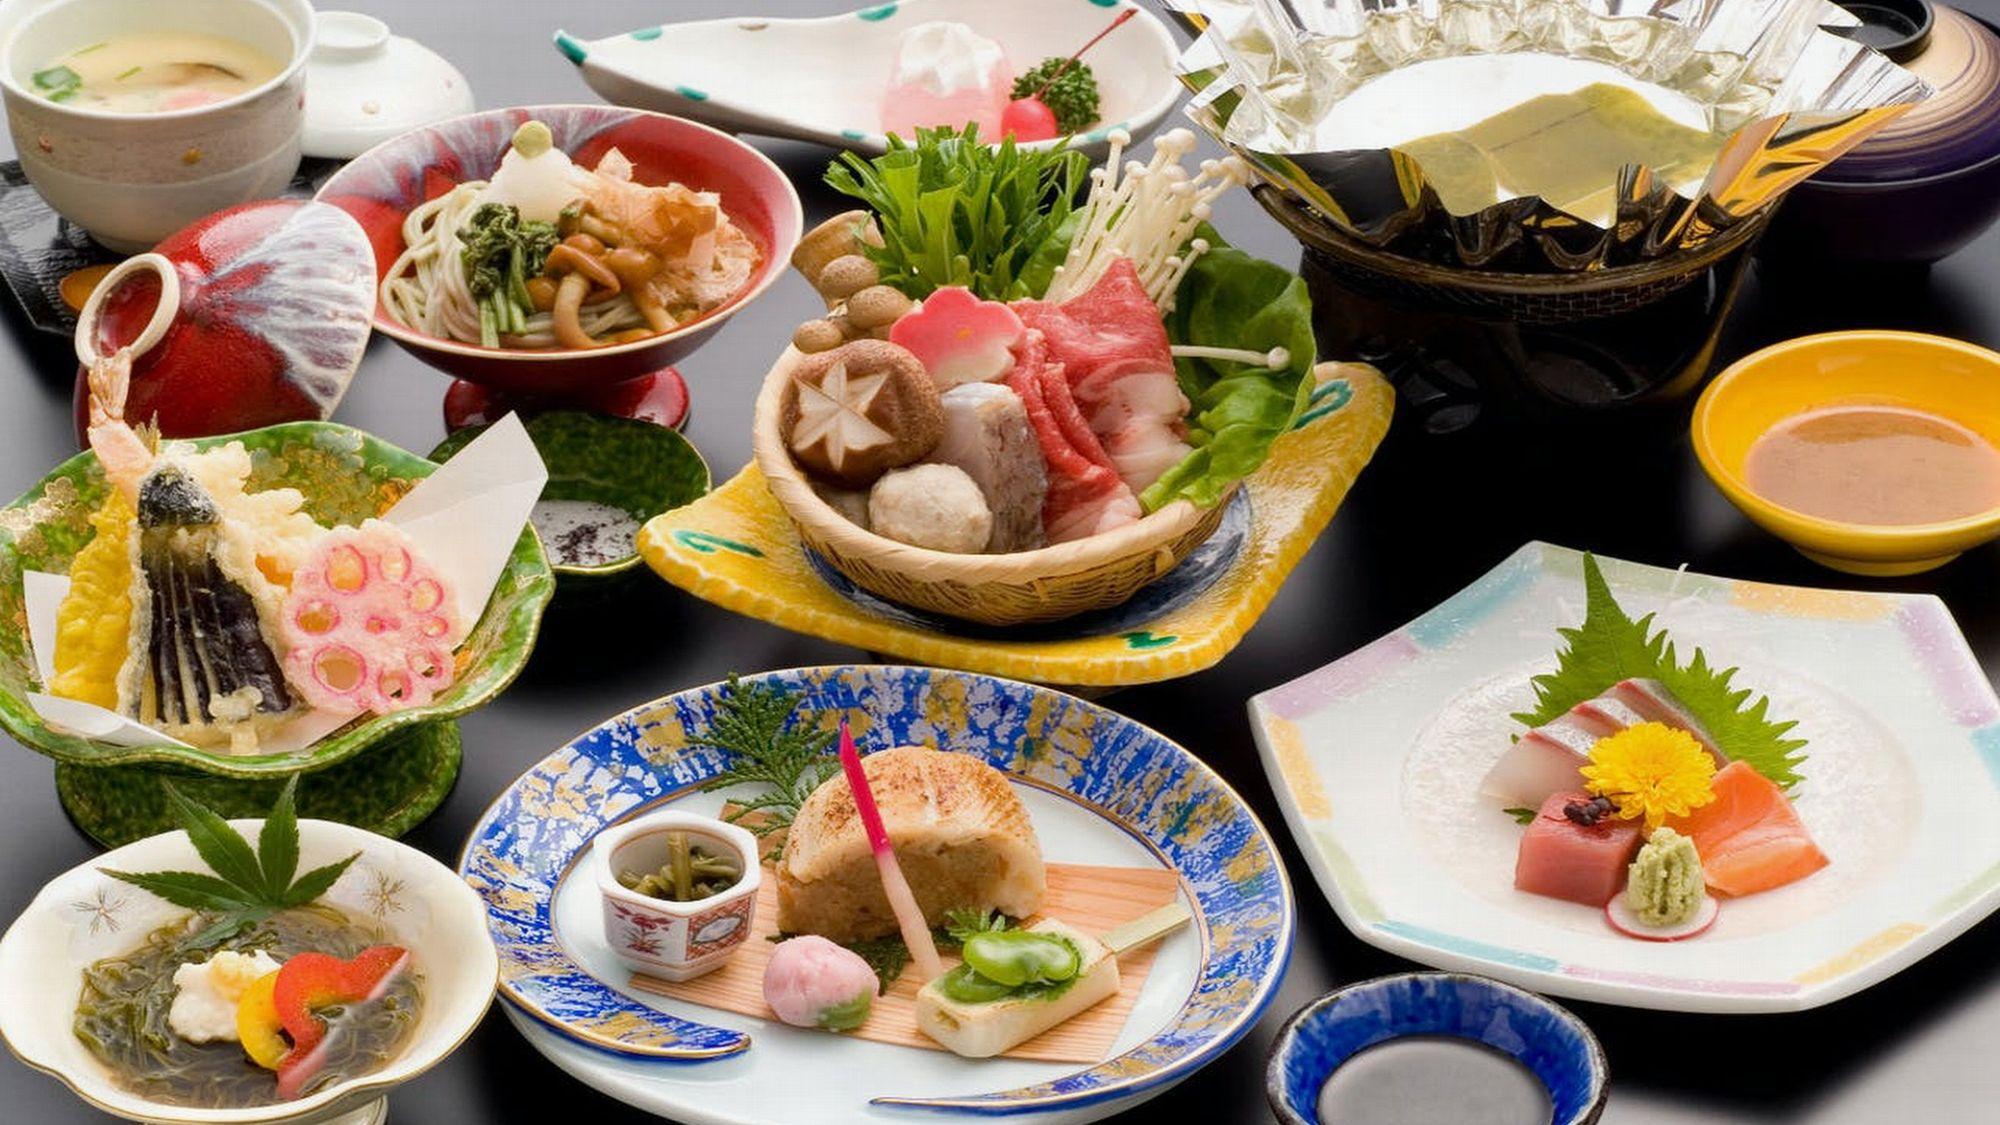 ミニ牛陶板焼きor寄せ鍋、天ぷら、日本海甘海老などを含めた自慢の会席料理です!(一例)